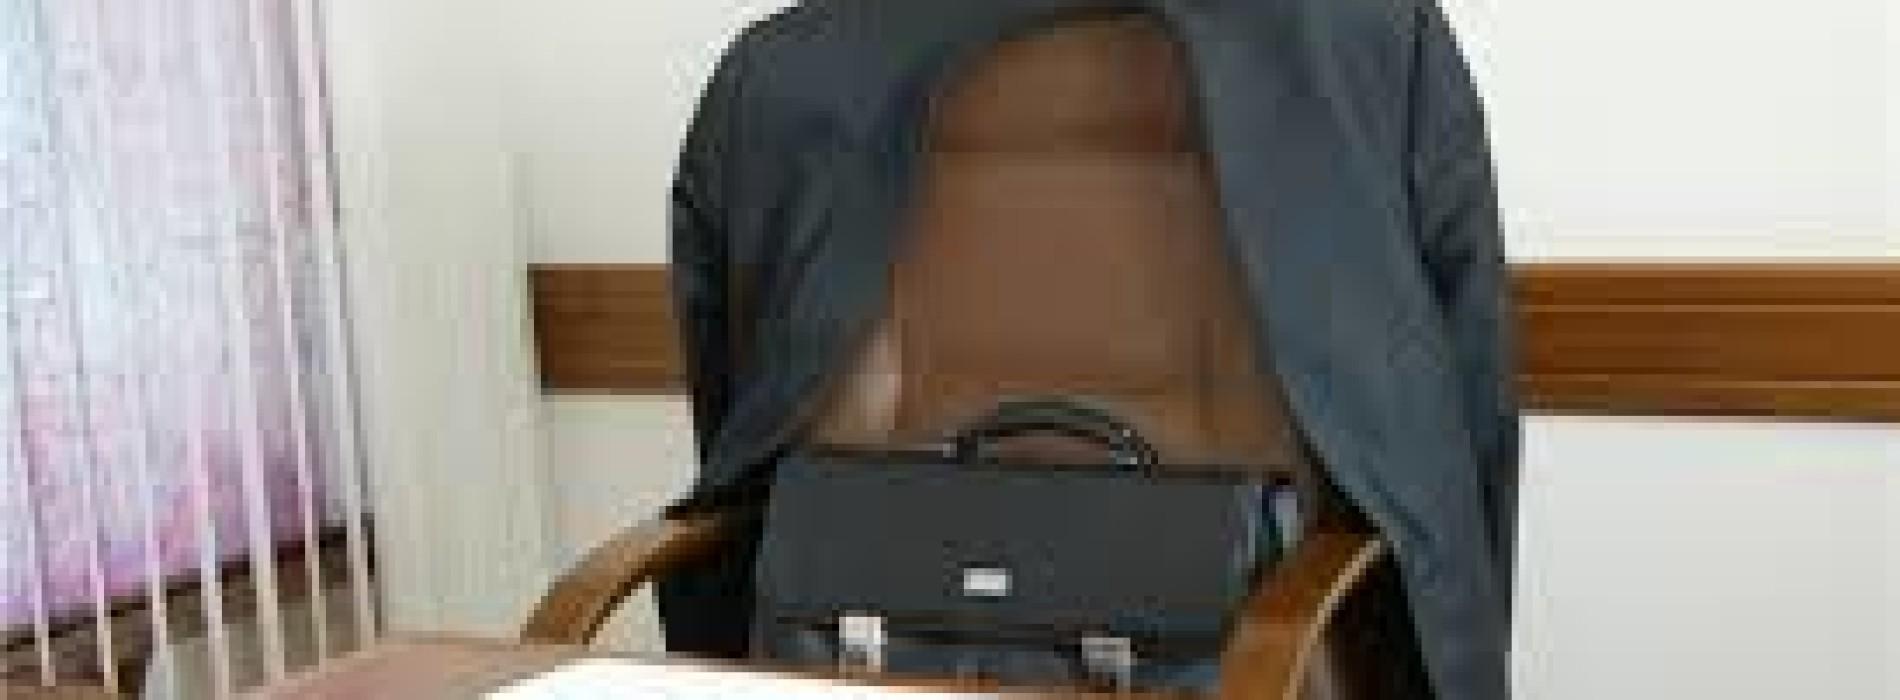 Столичного чиновника оштрафовали за нарушения в сфере госзакупок на 100 МРП